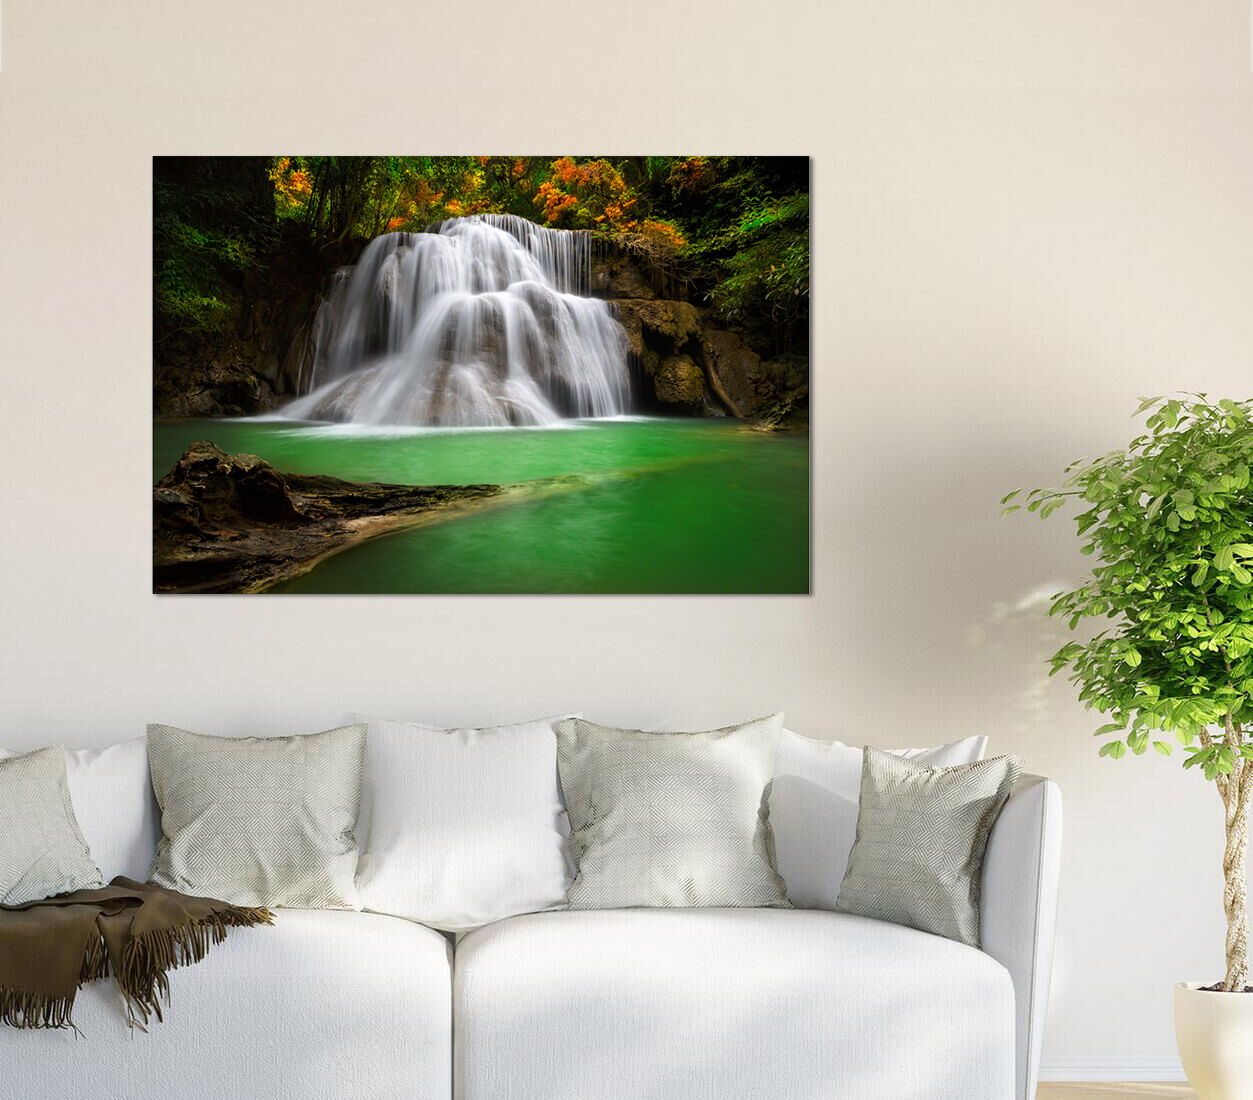 3D Wasserfall Fluss Stein 877 Fototapeten Wandbild BildTapete AJSTORE DE Lemon